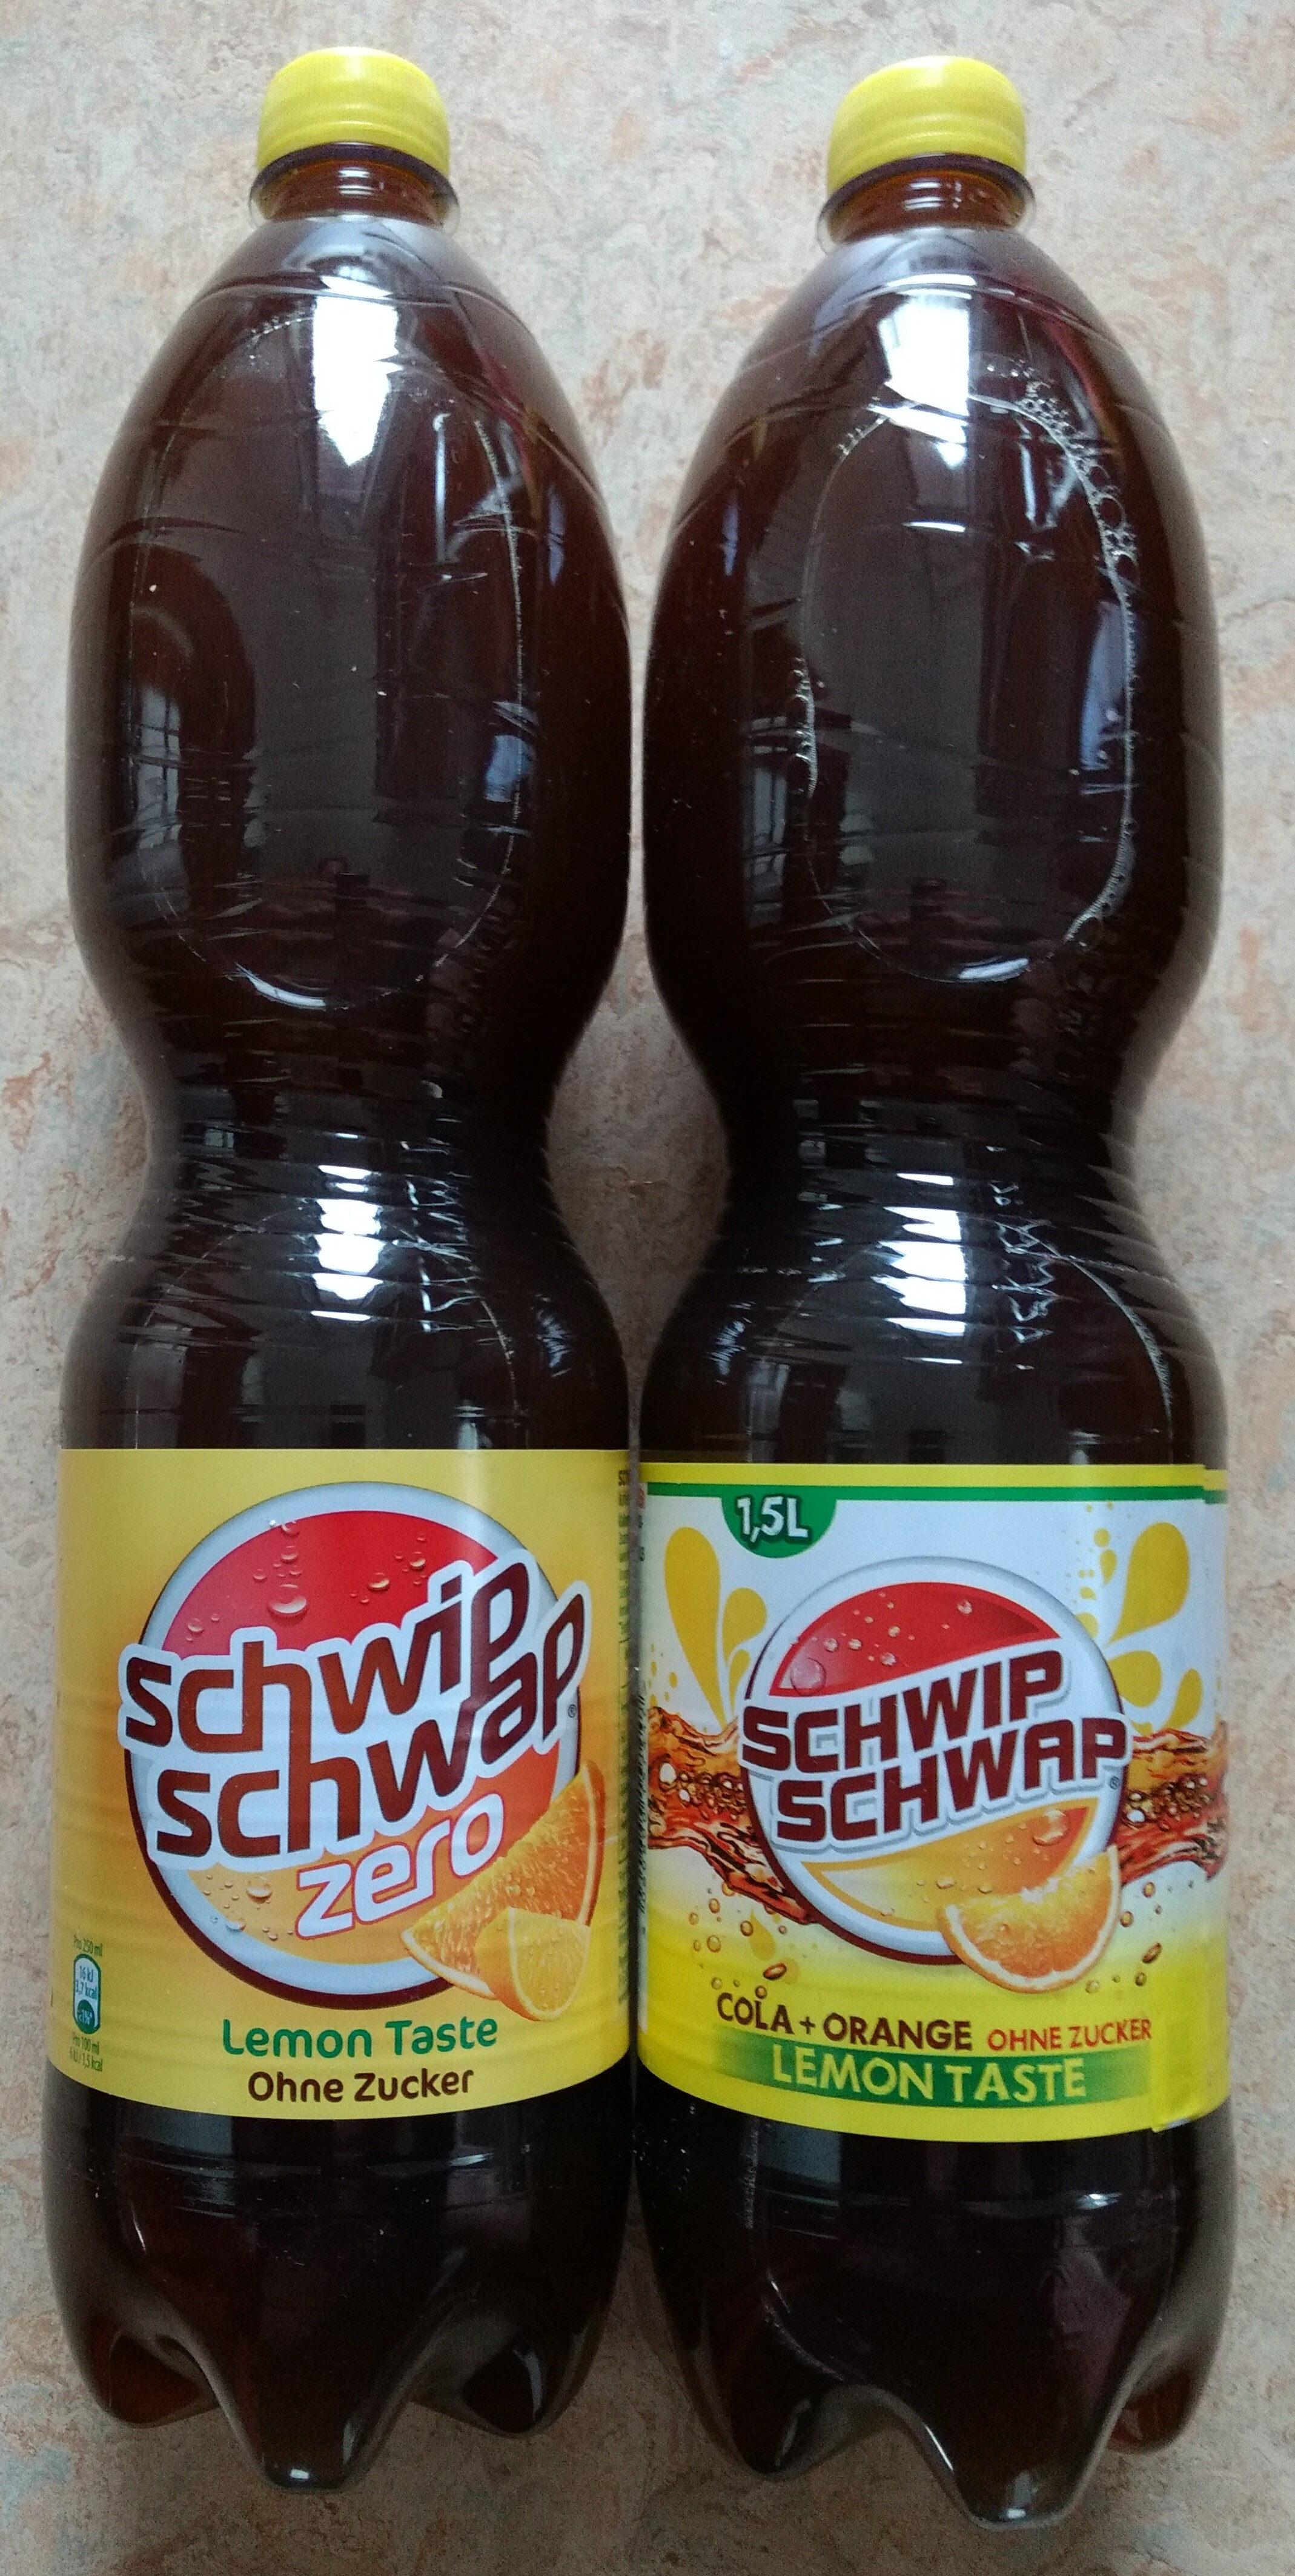 Schwip Schwap Cola + Orange Lemontaste ohne Zucker - Product